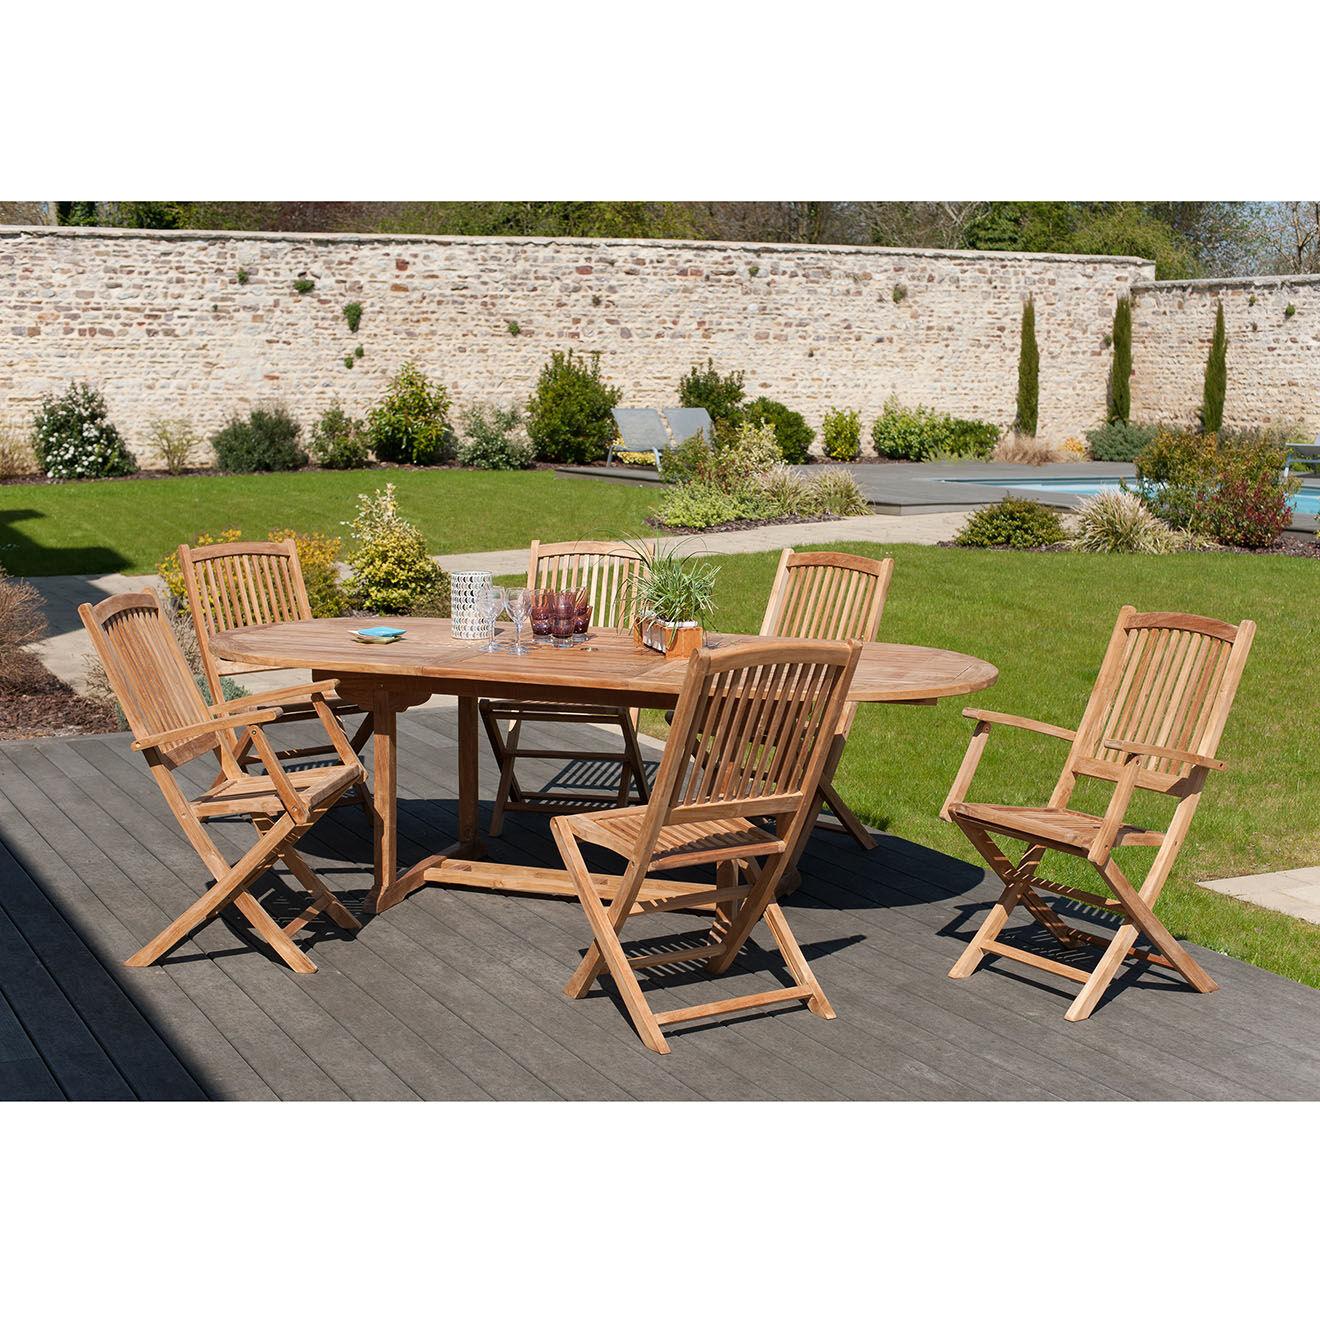 la jardin mobilier et de Chaise de catégorie de Equipement 8nO0wPXk